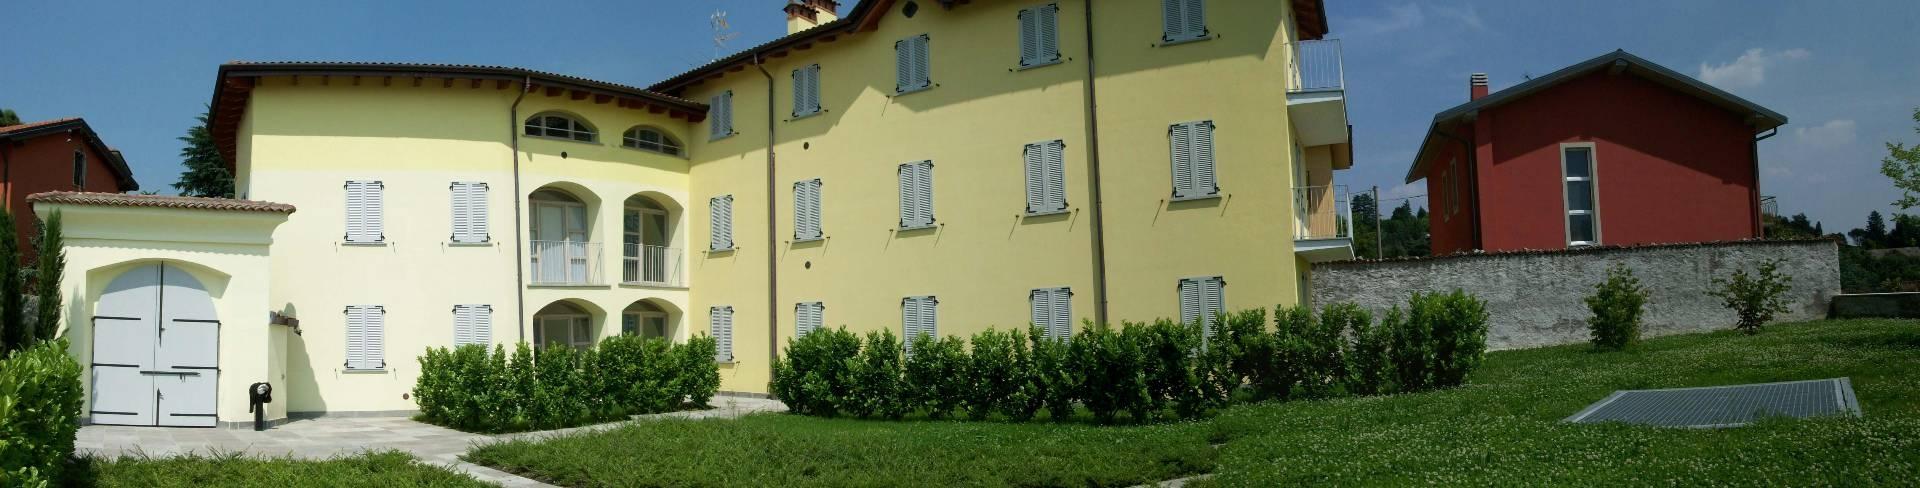 Vendita Trilocale Appartamento Longone al Segrino 64460